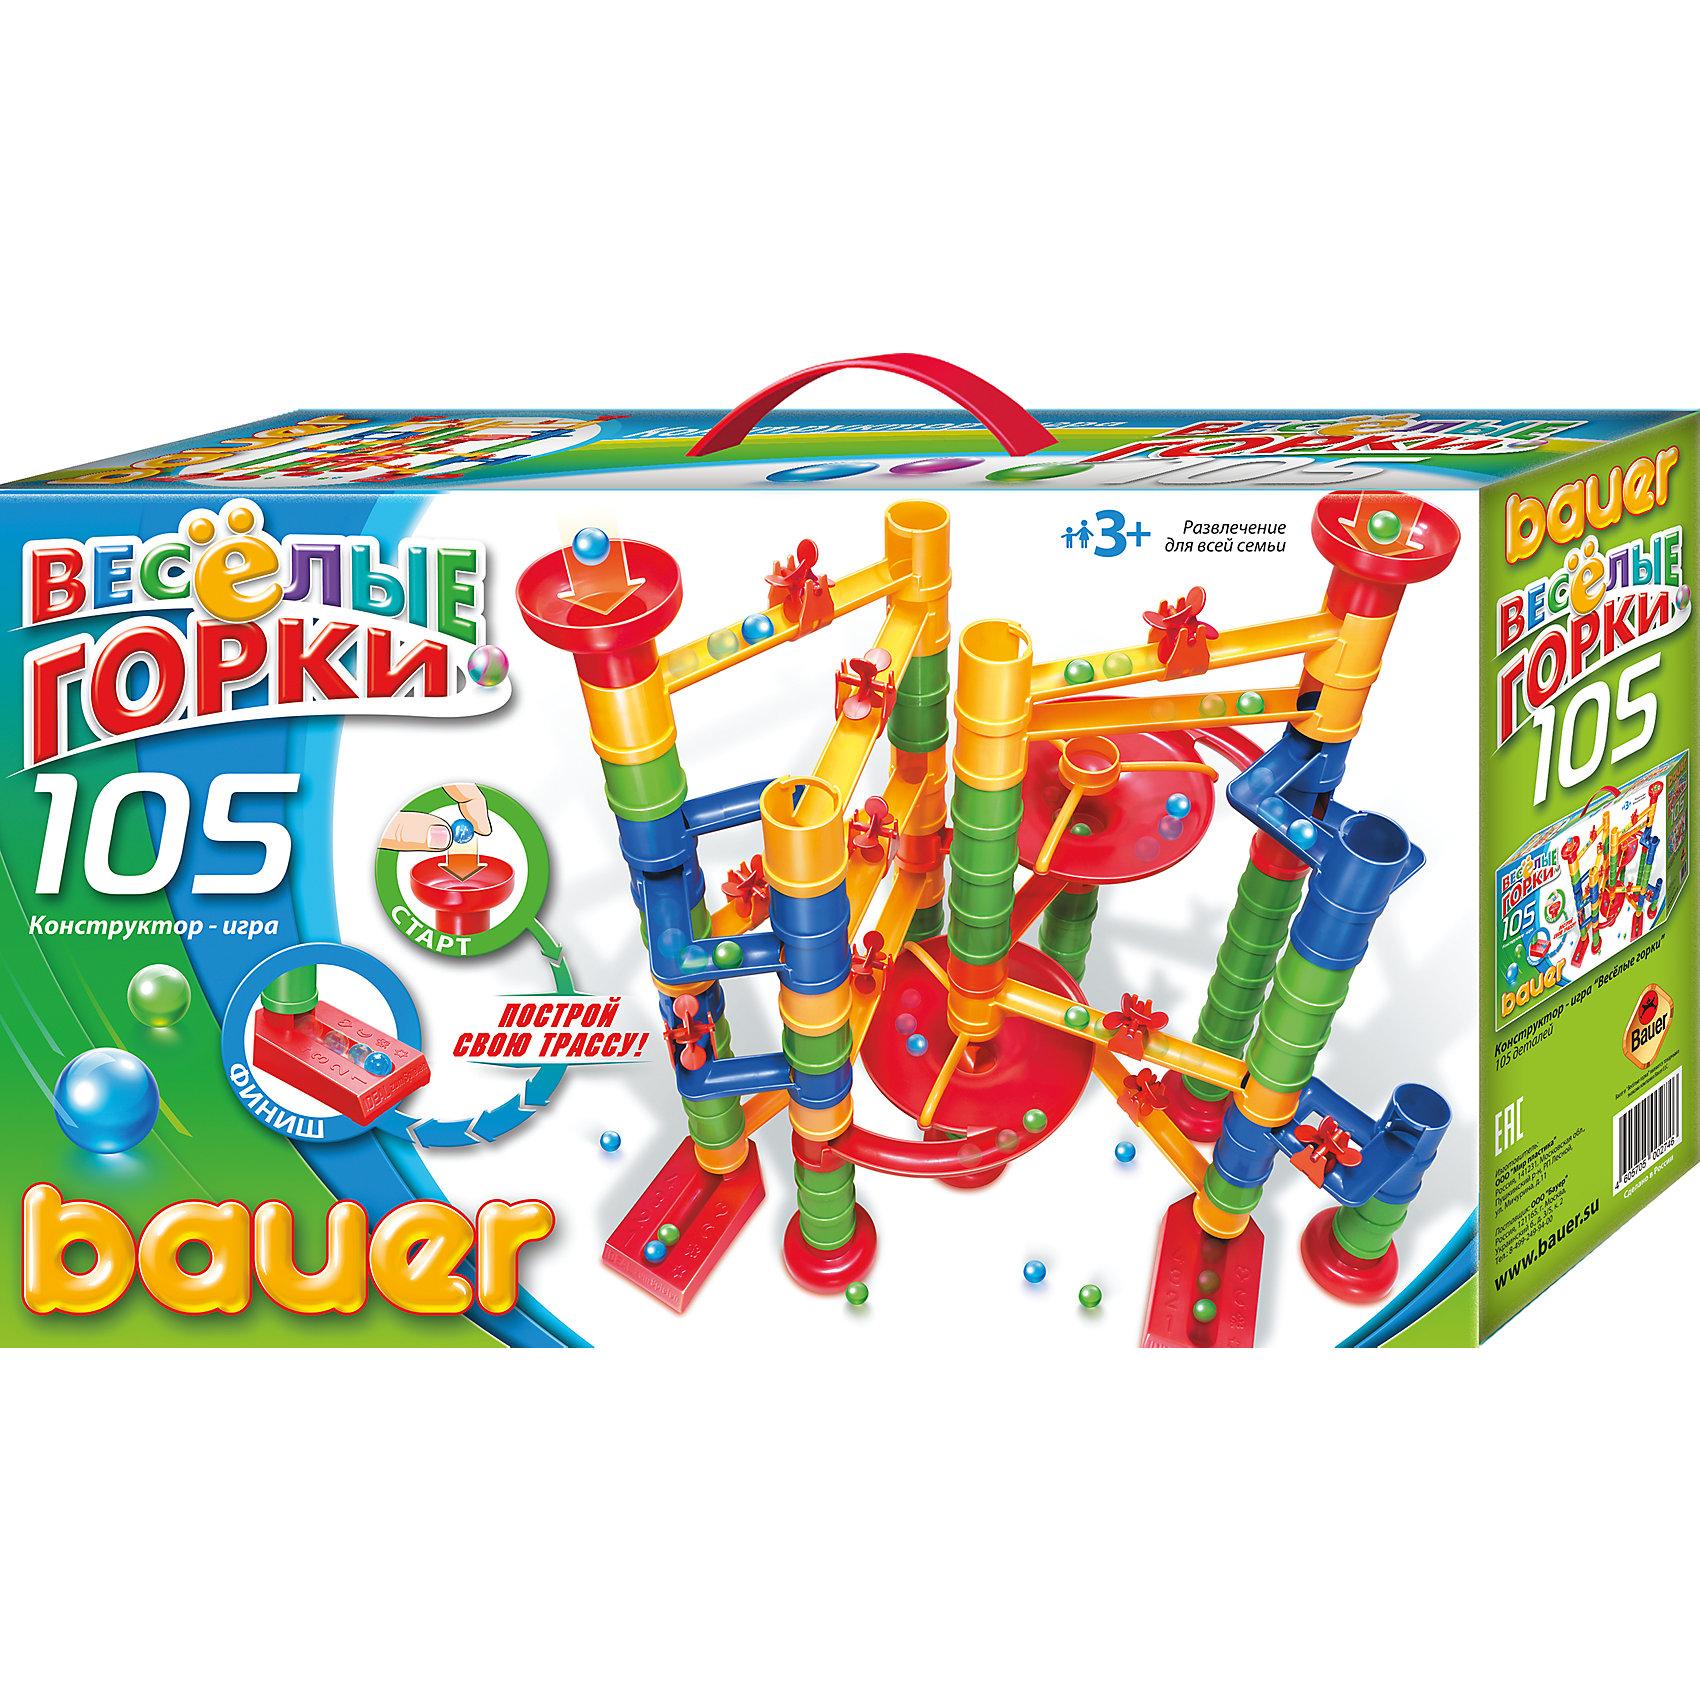 Bauer Конструктор Весёлые горки 105 деталей, Bauer игрушка конструктор bauer avia 319 188083